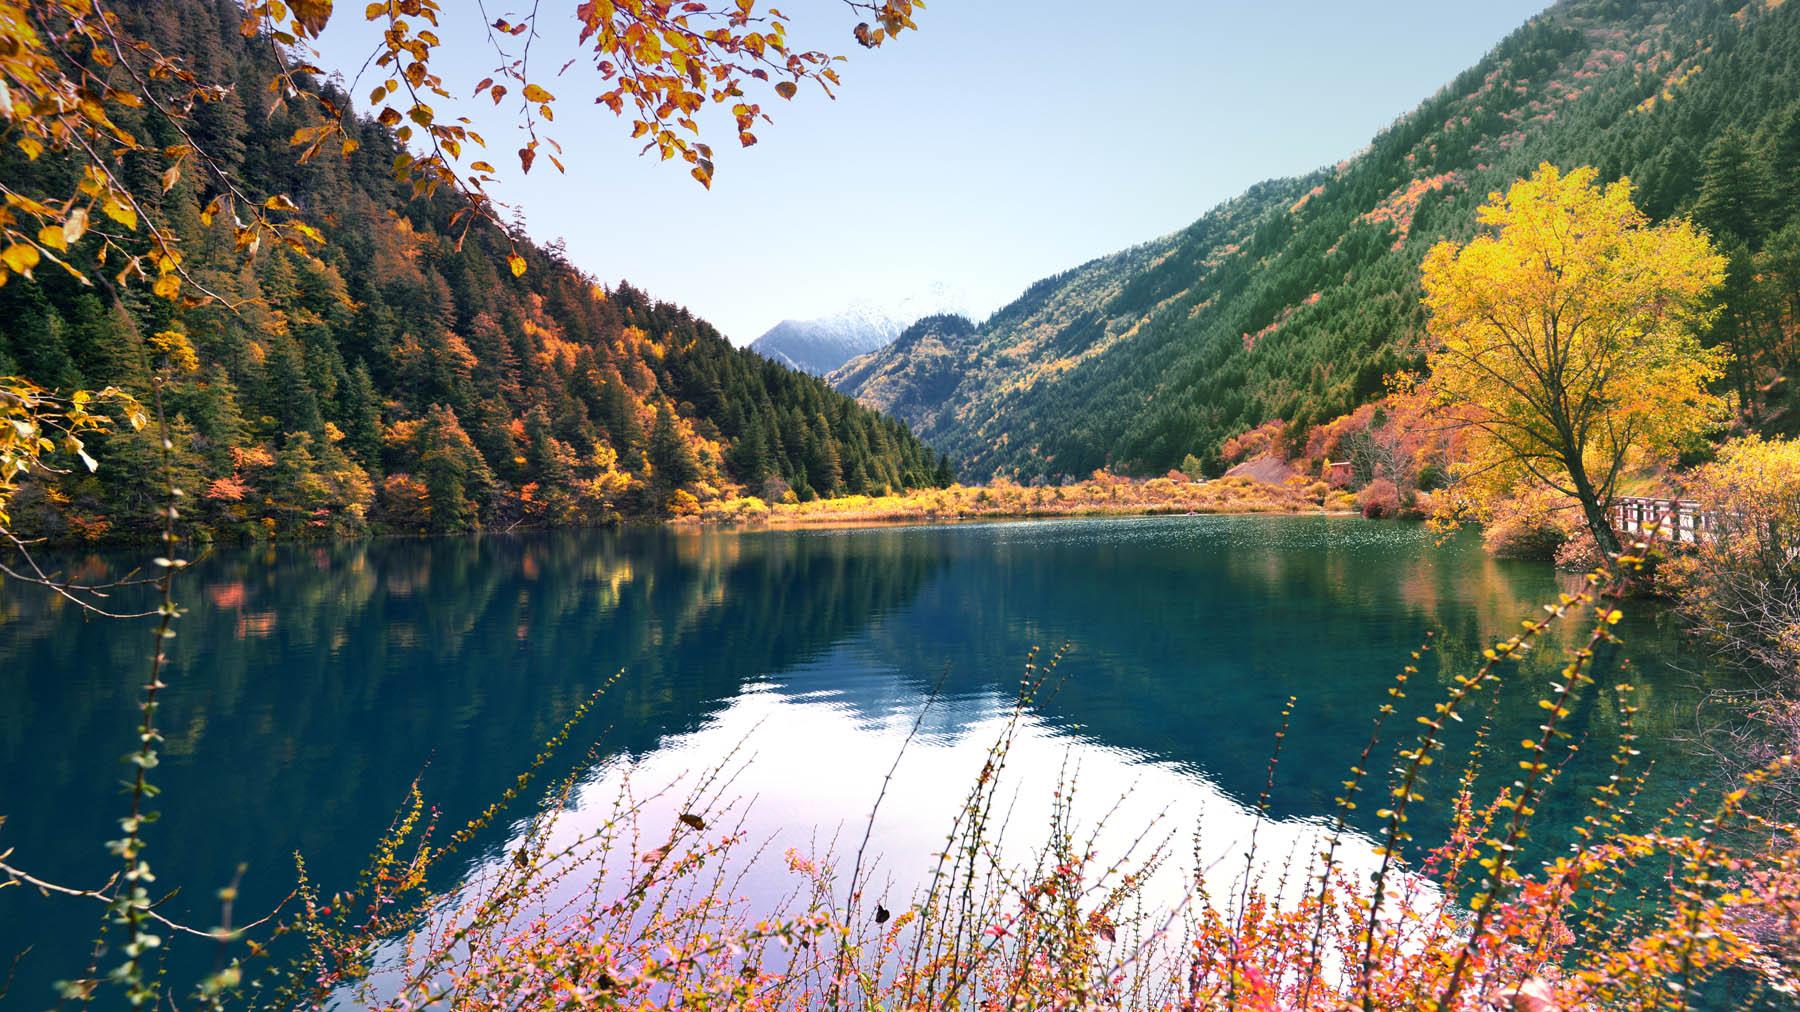 ảnh đẹp cửu trại câu nước xanh mây trắng cây vàng